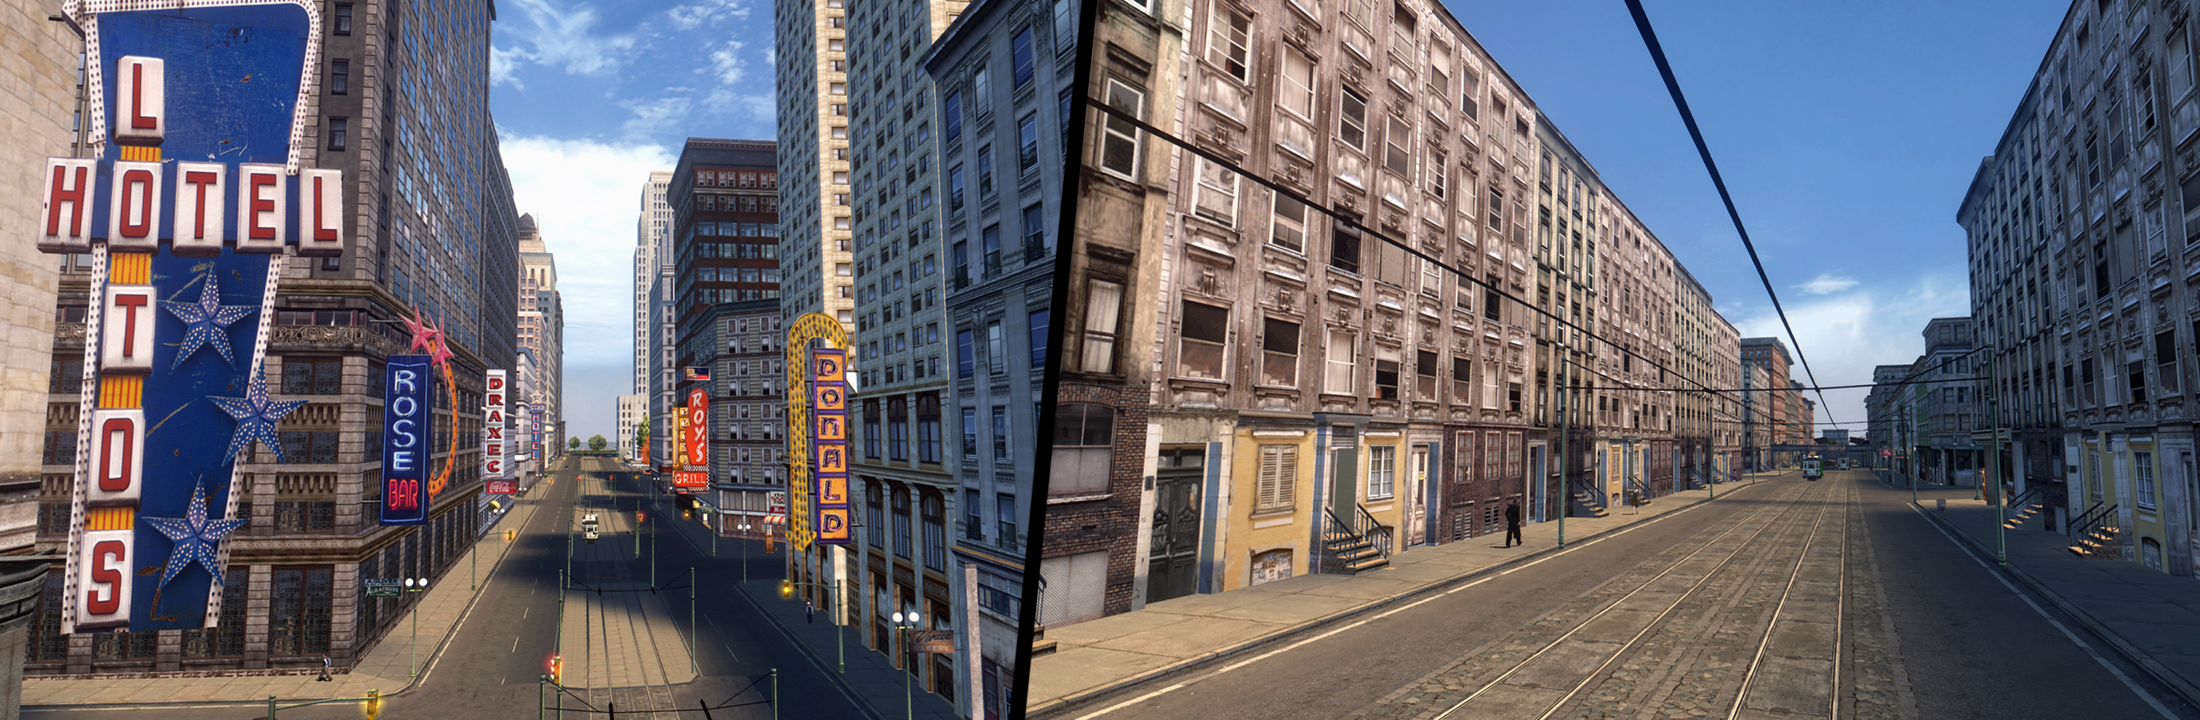 Mafia Remastered mod for Mafia: The City of Lost Heaven - Mod DB